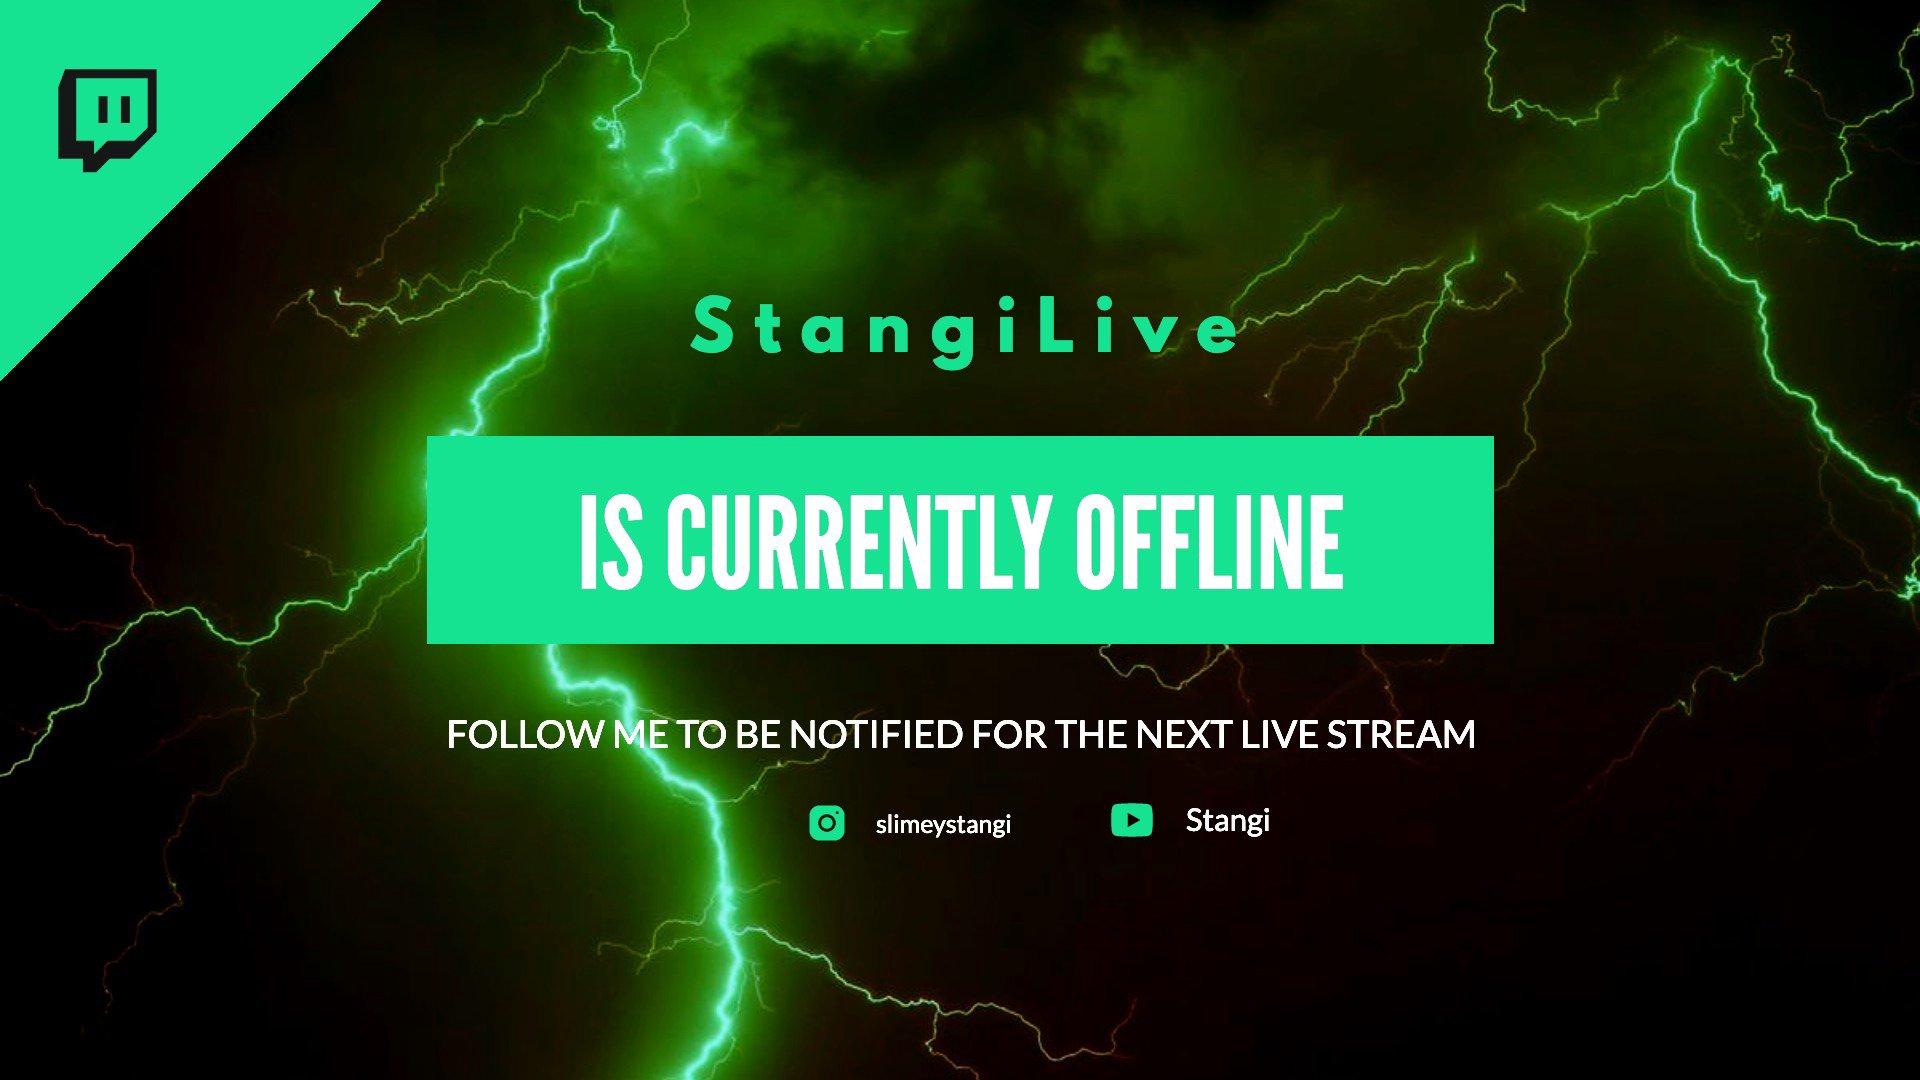 StangiLive